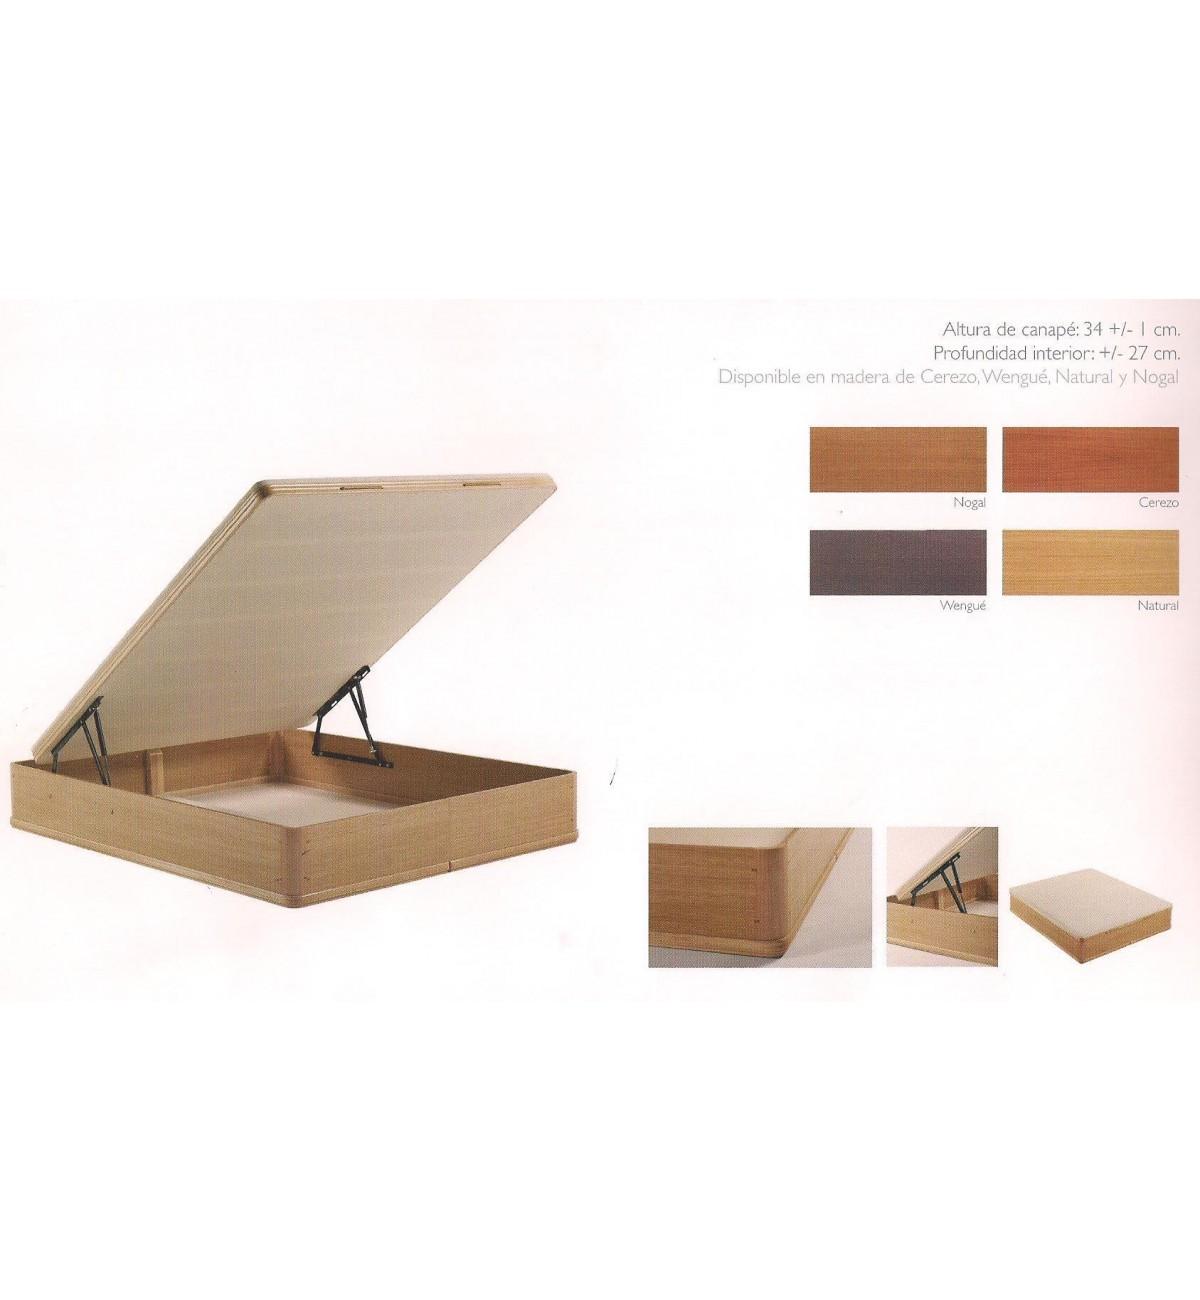 Canap abatible aspol dise o madera colchones online buen for Canape abatibles